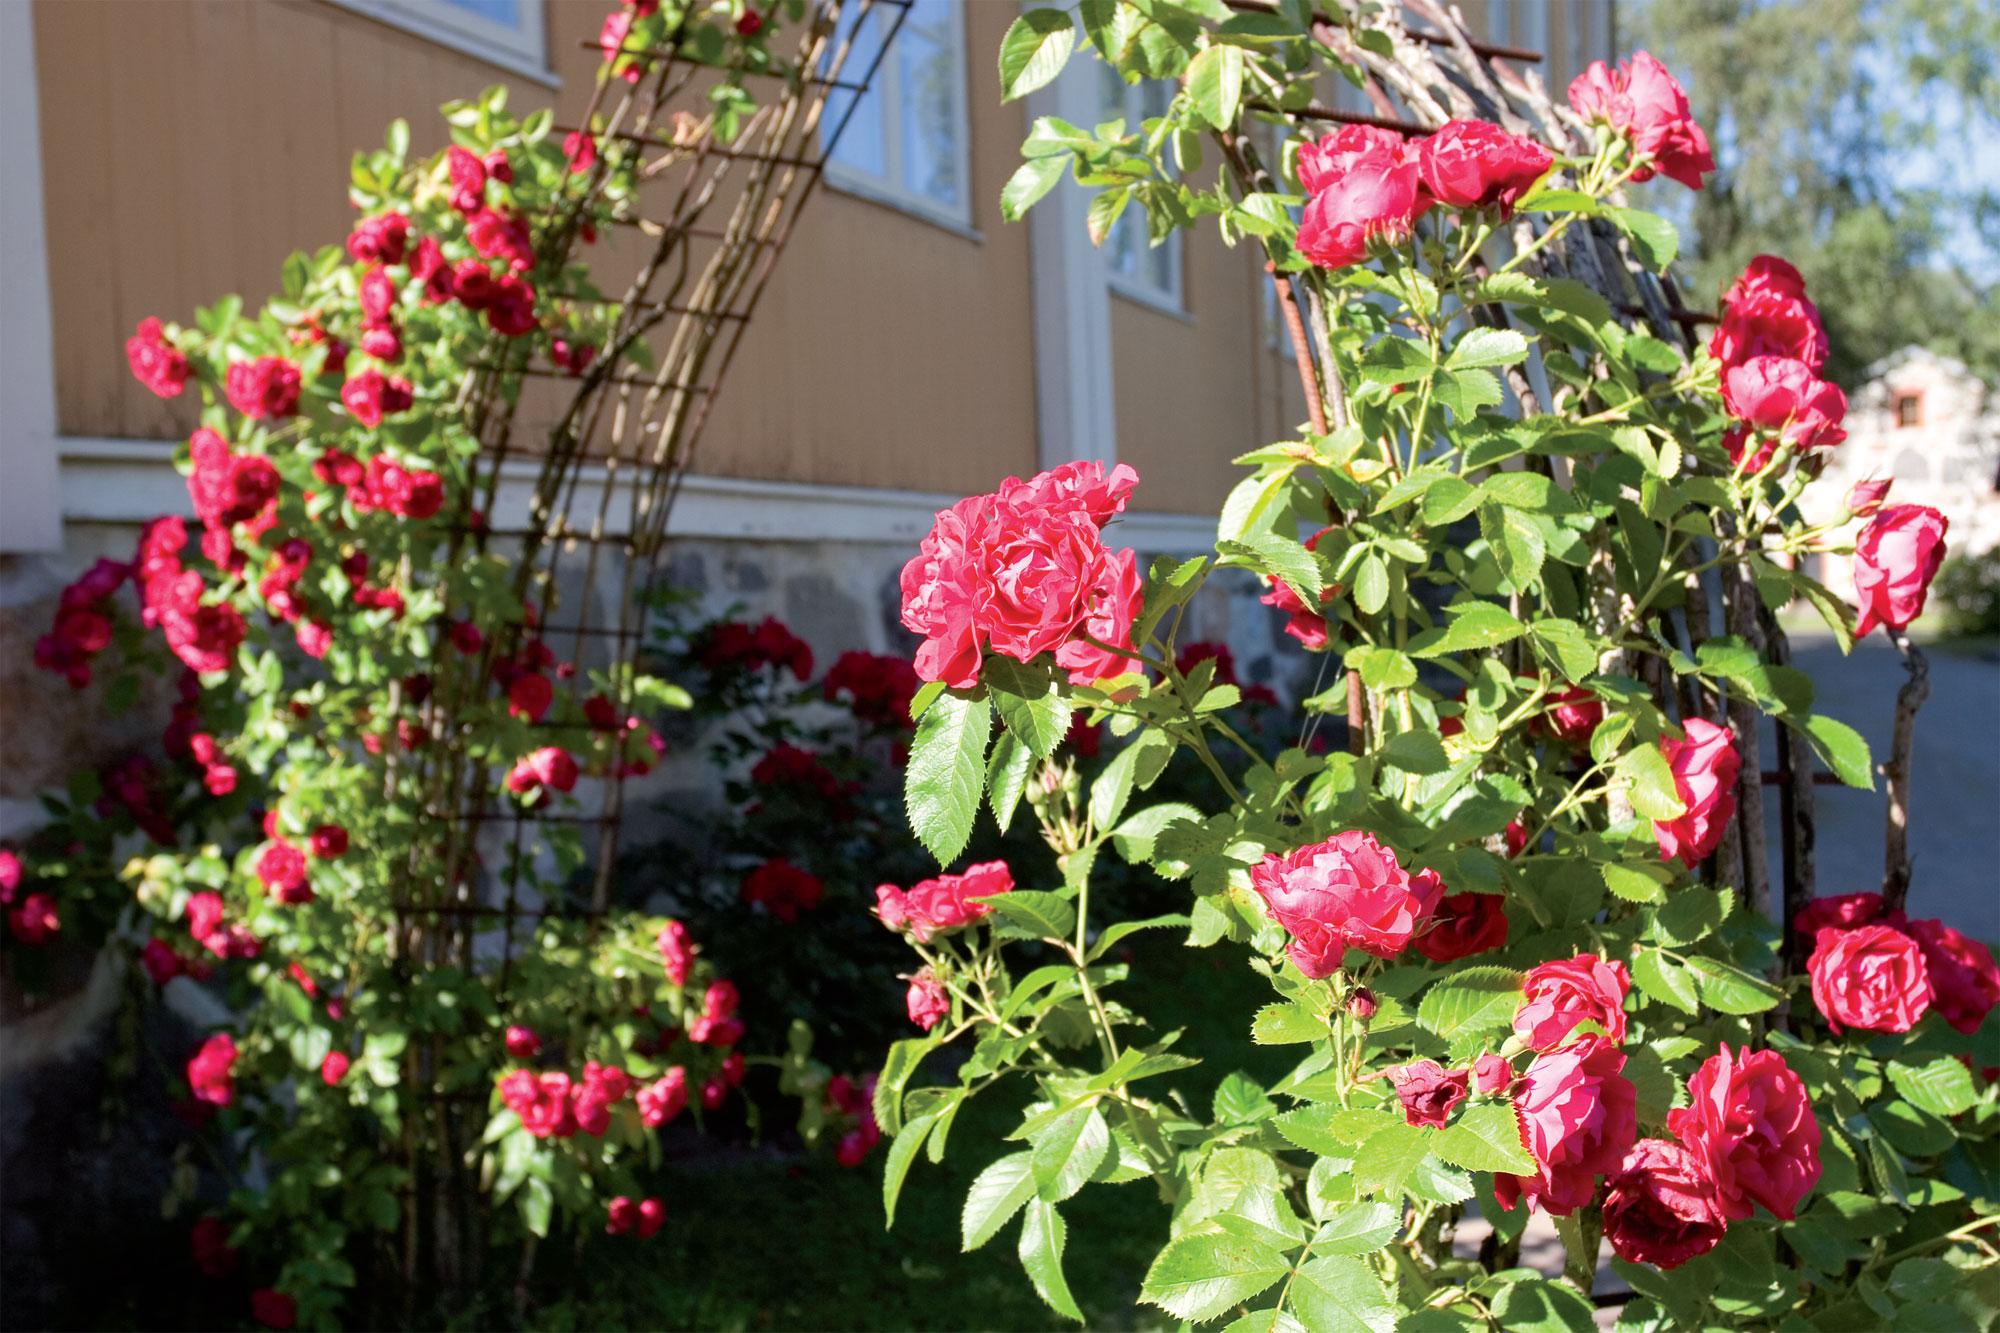 Pietarsaaren Aspegrenin puutarhan ruusu- ja yrttitarhaan astutaan 'Flammentanz'-köynnösruusua kasvavan portin kautta. Portti on tehty valurautaverkosta.